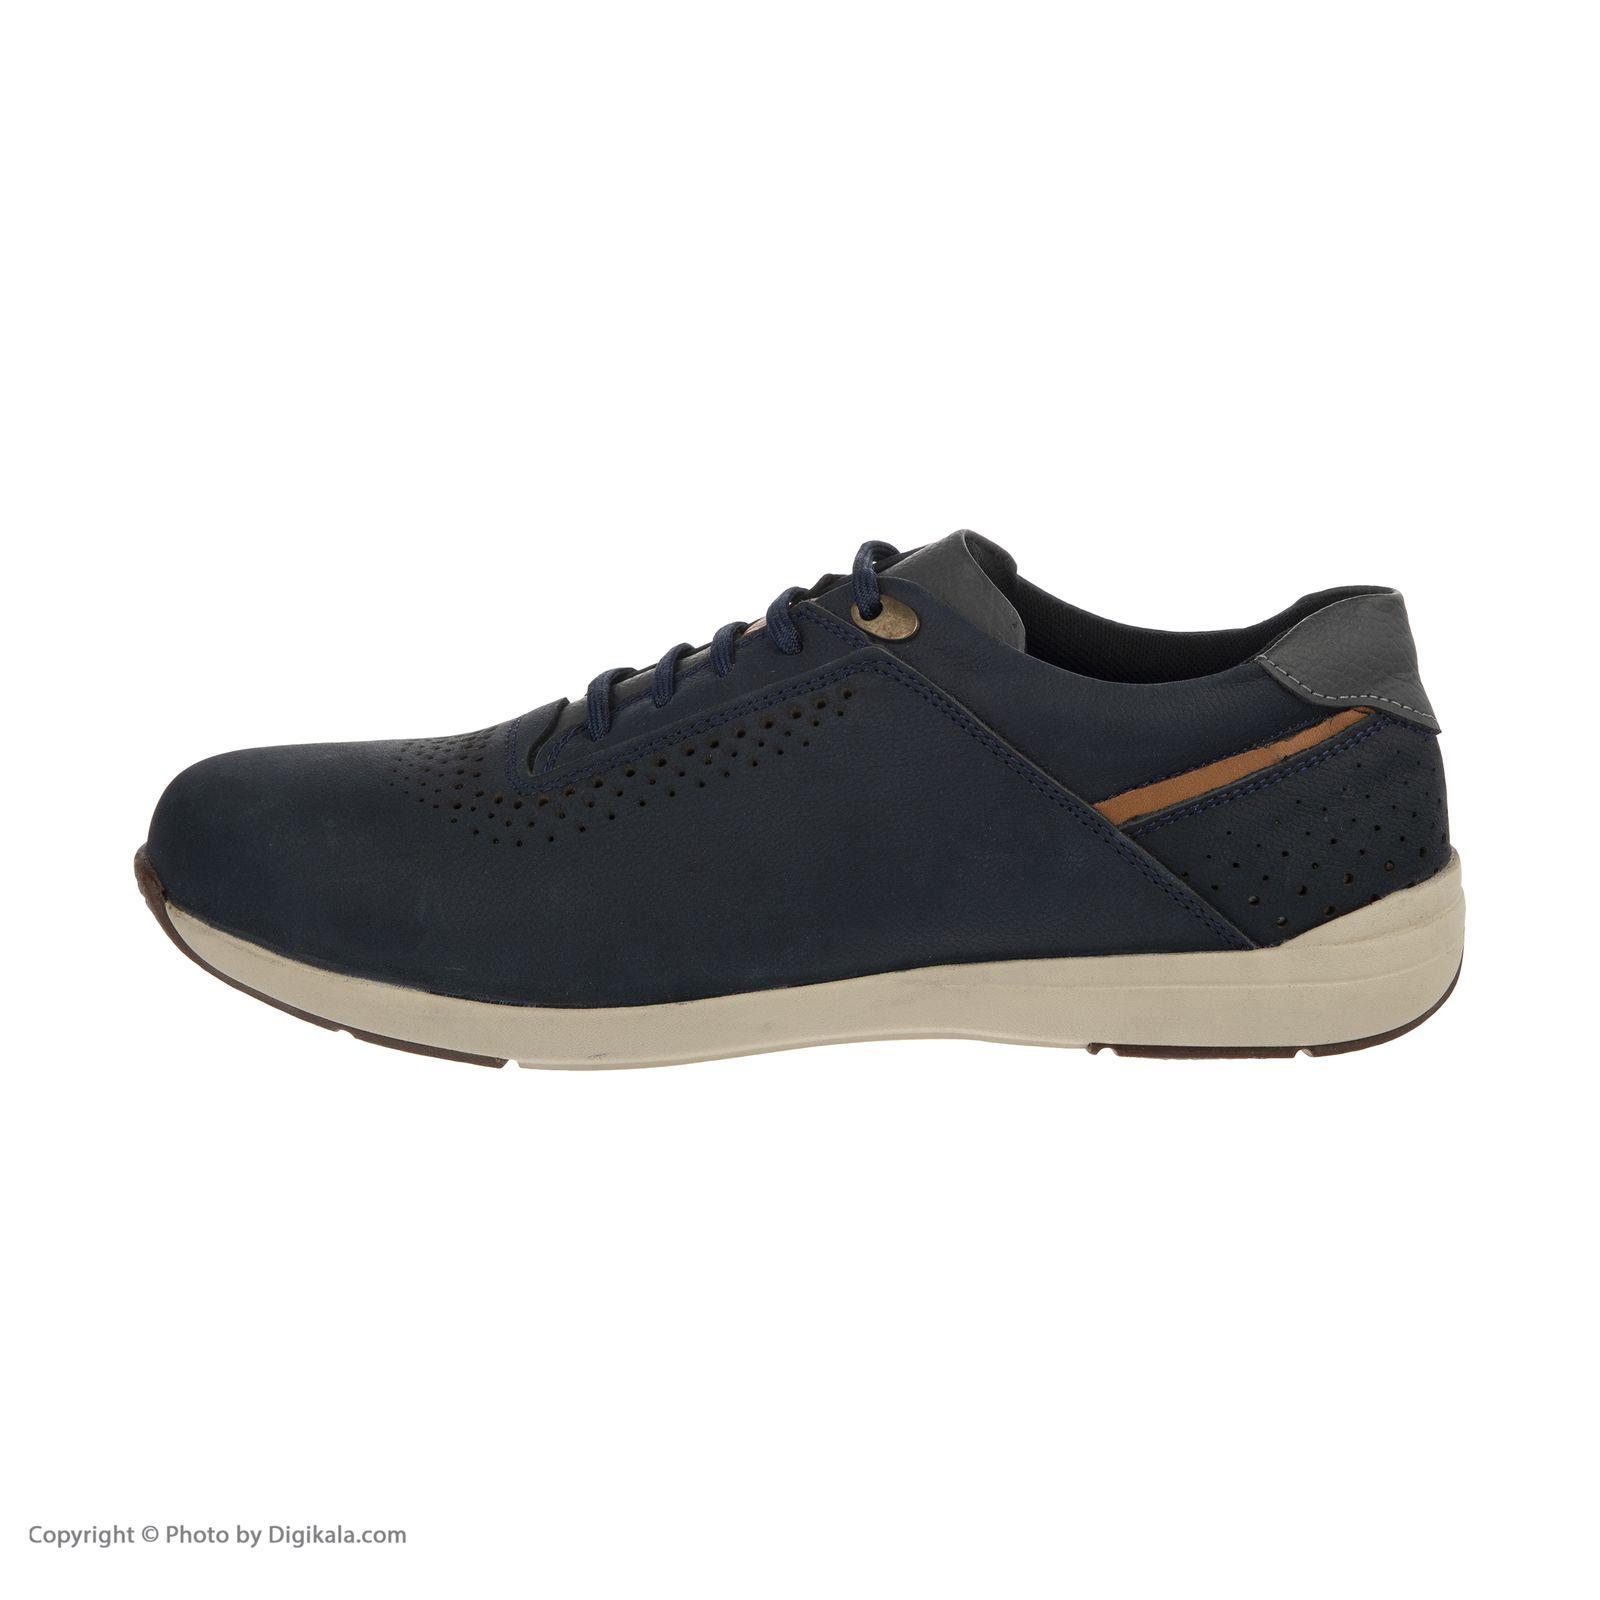 کفش روزمره مردانه سوته مدل 5037A503103 -  - 4